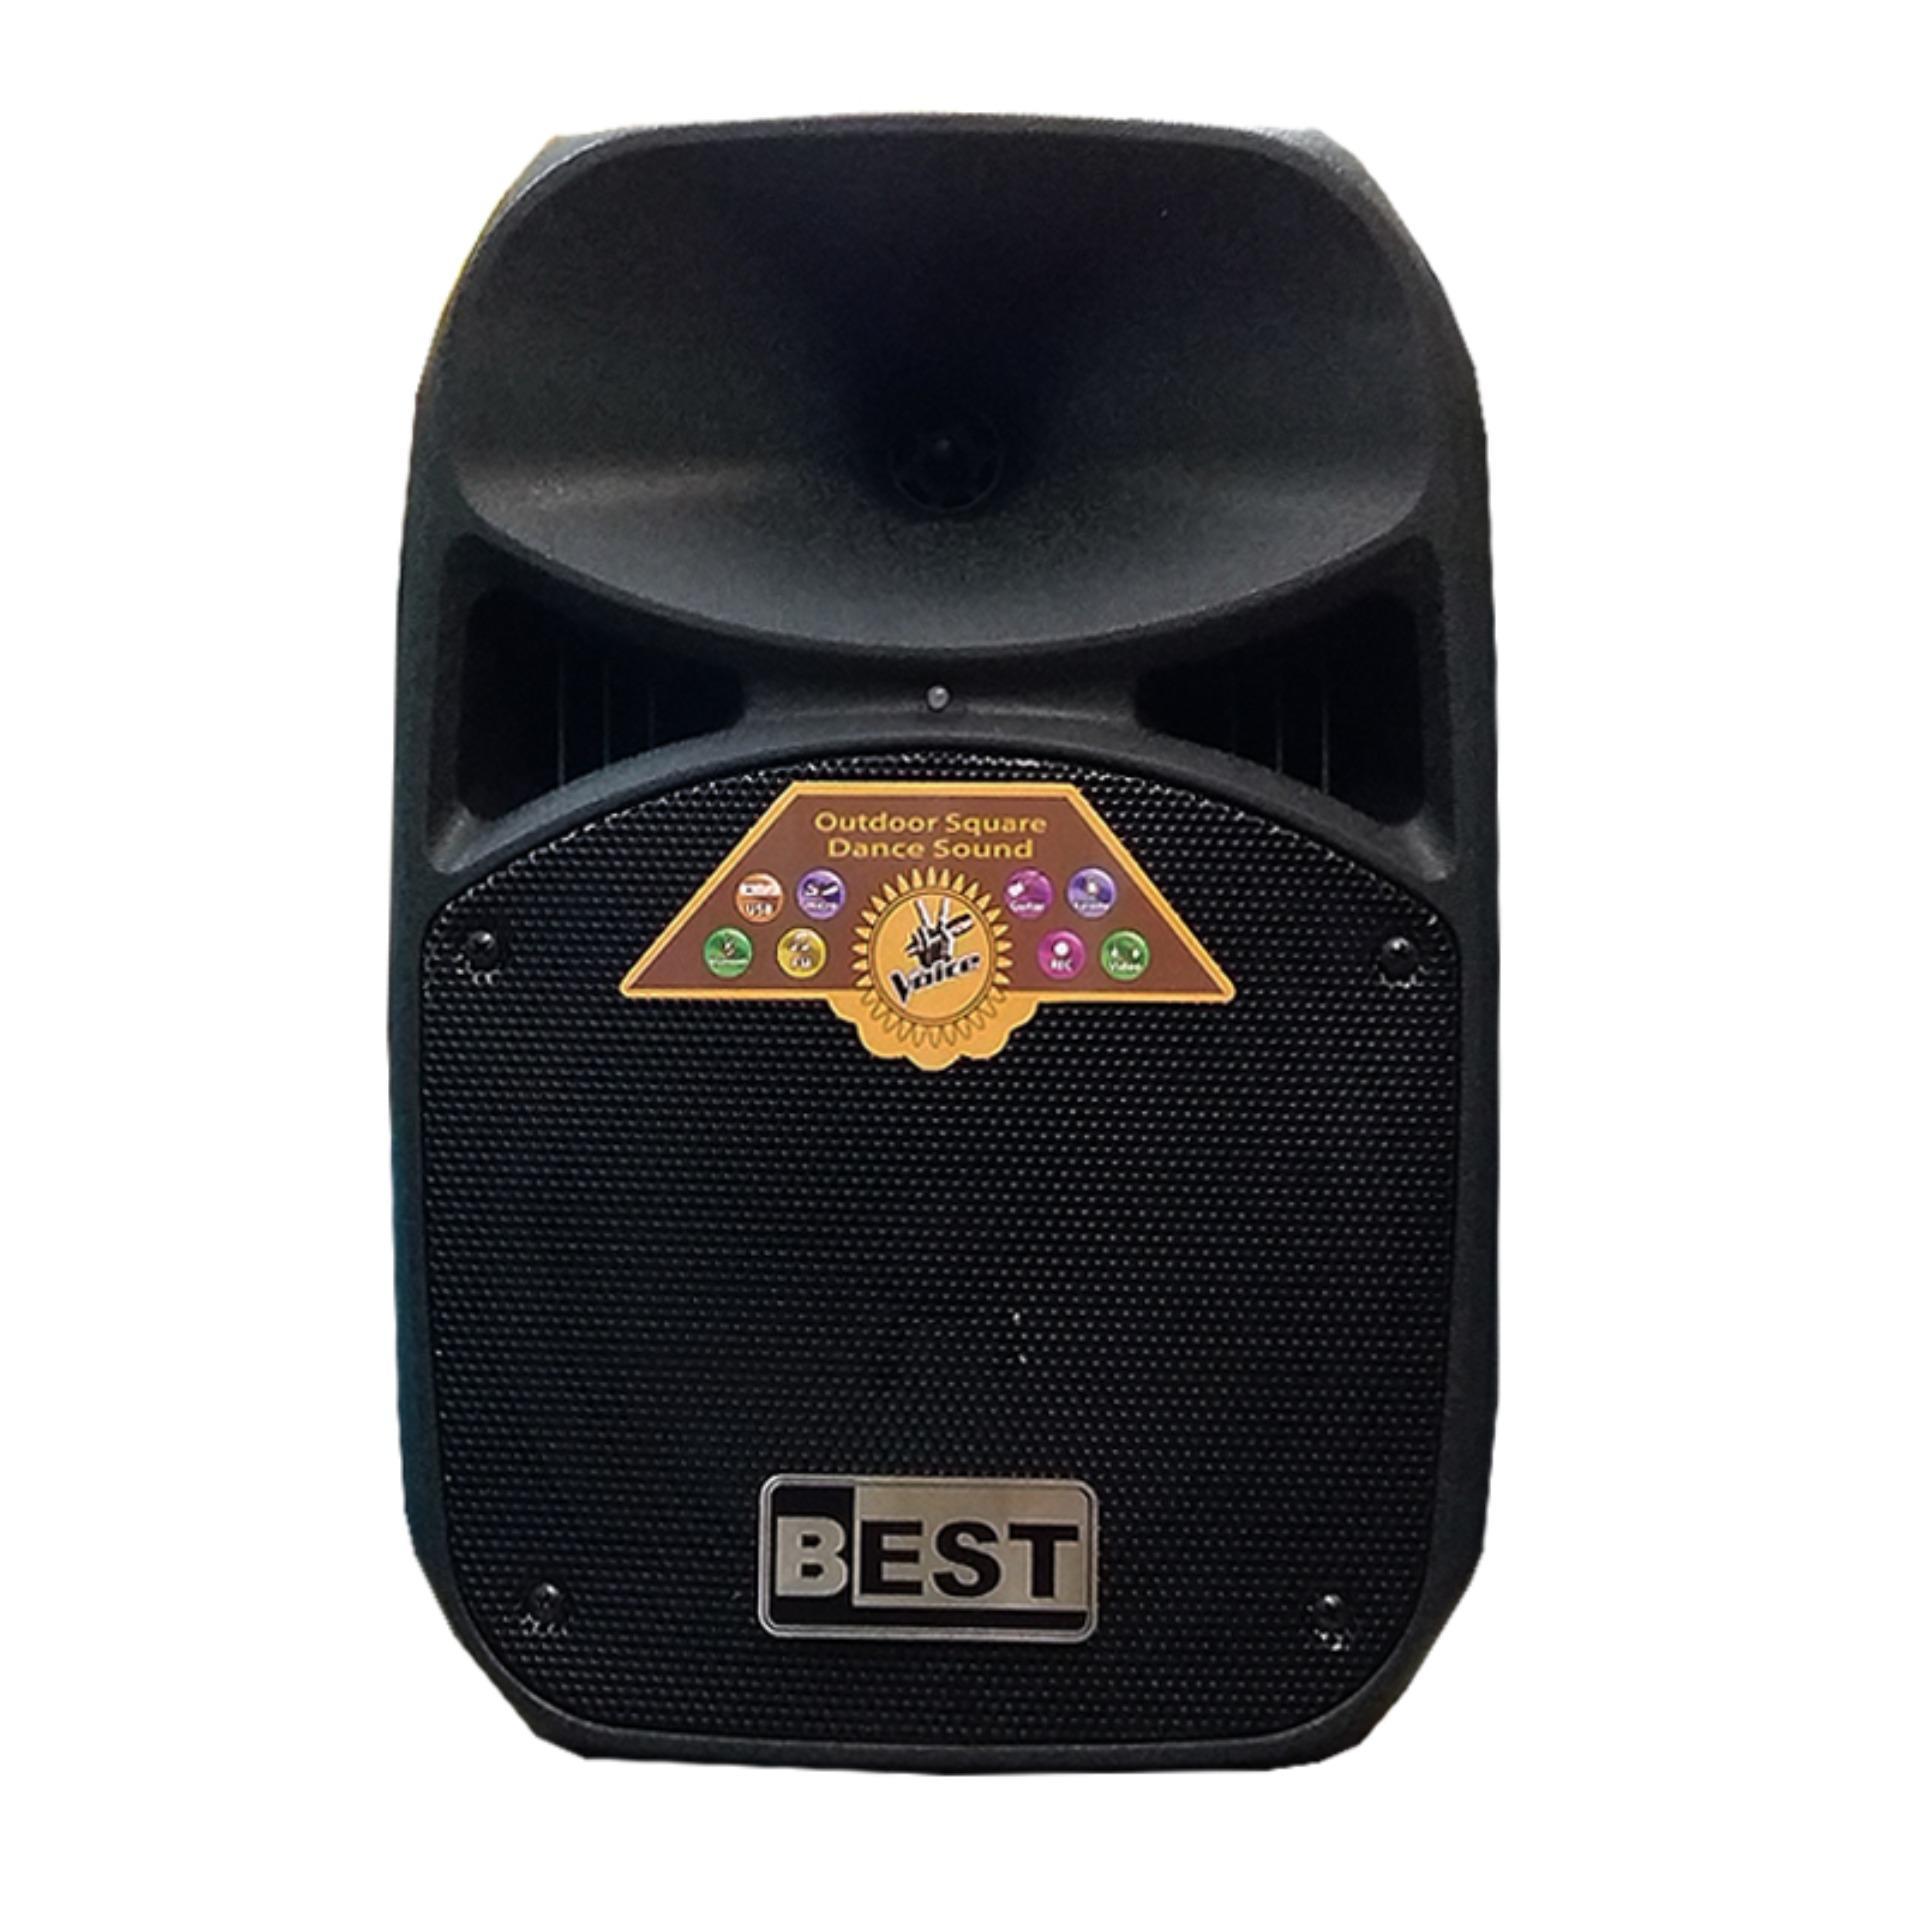 Giá bán Loa di động mini Best BT-255